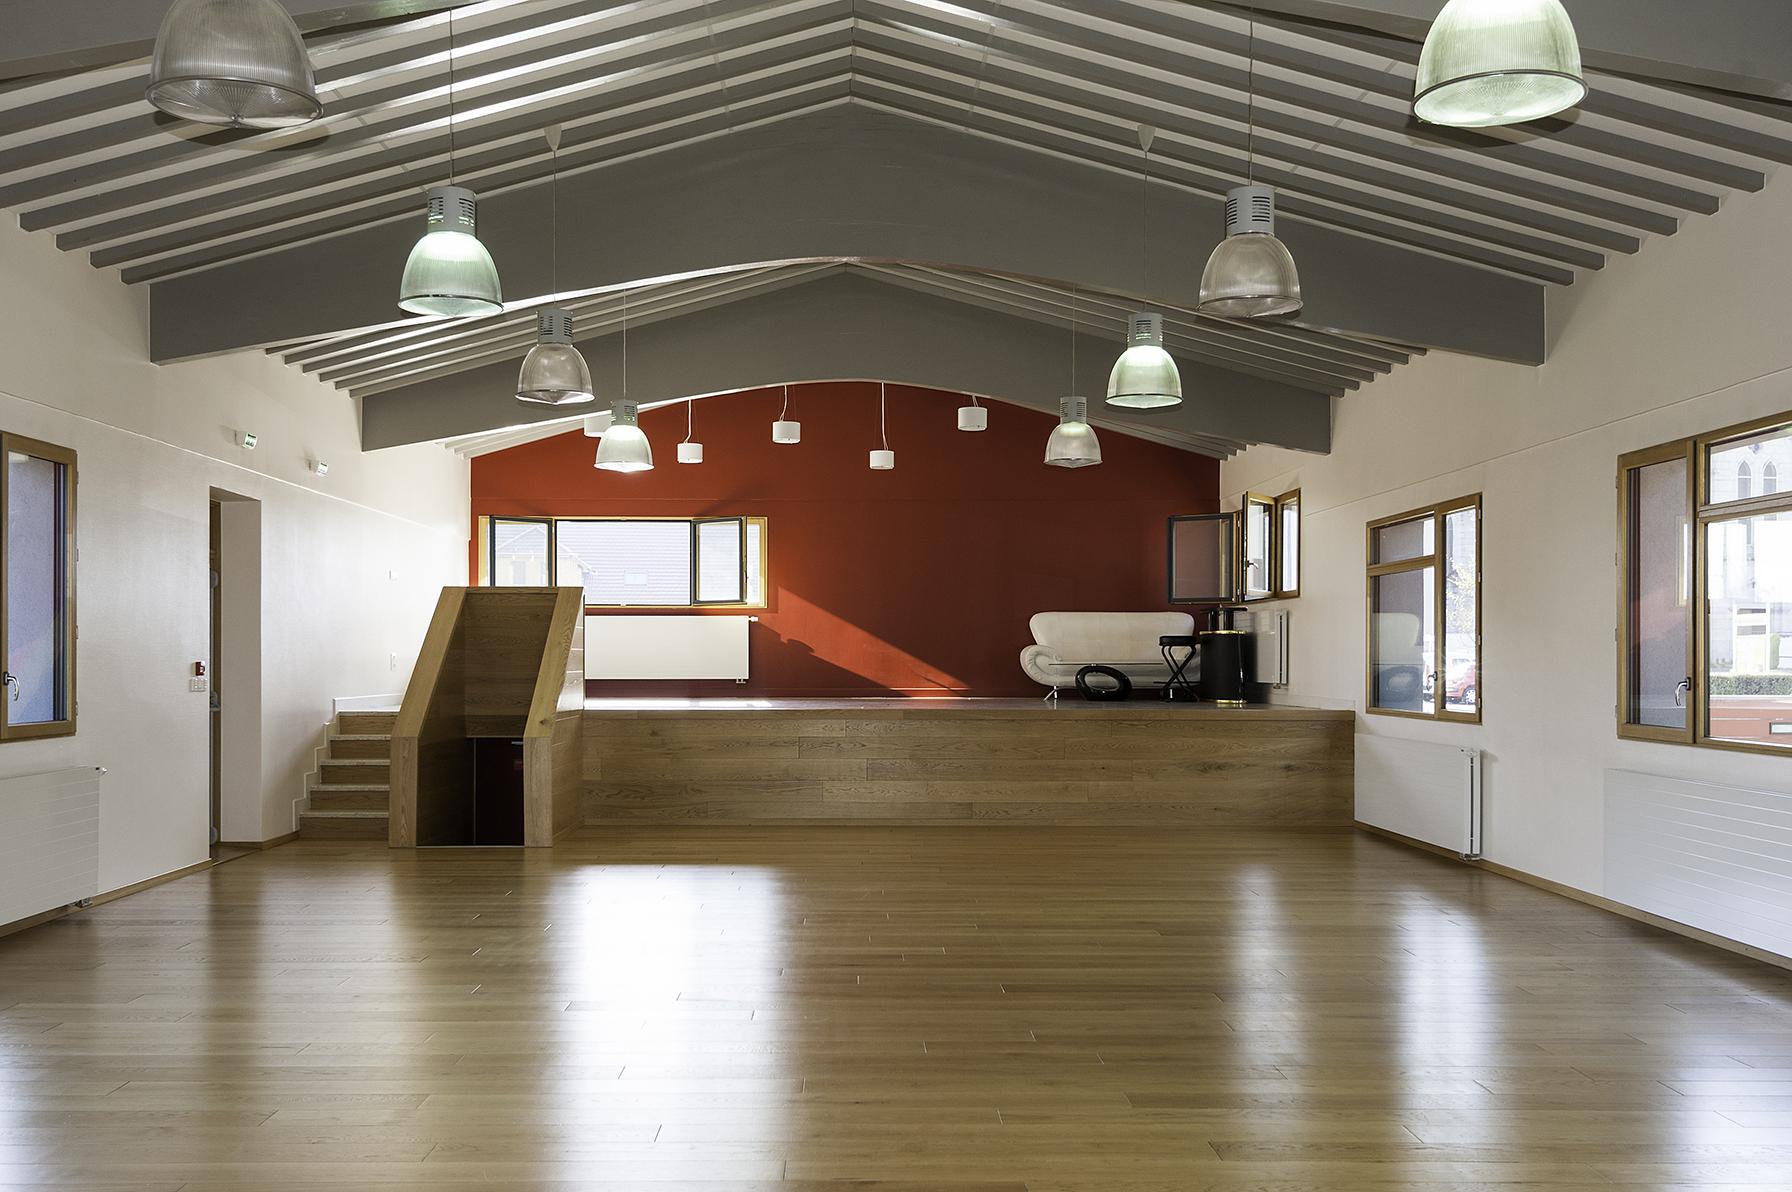 Maison pour Tous - Architectes GUYOT Nelly et POULAIN Isabelle